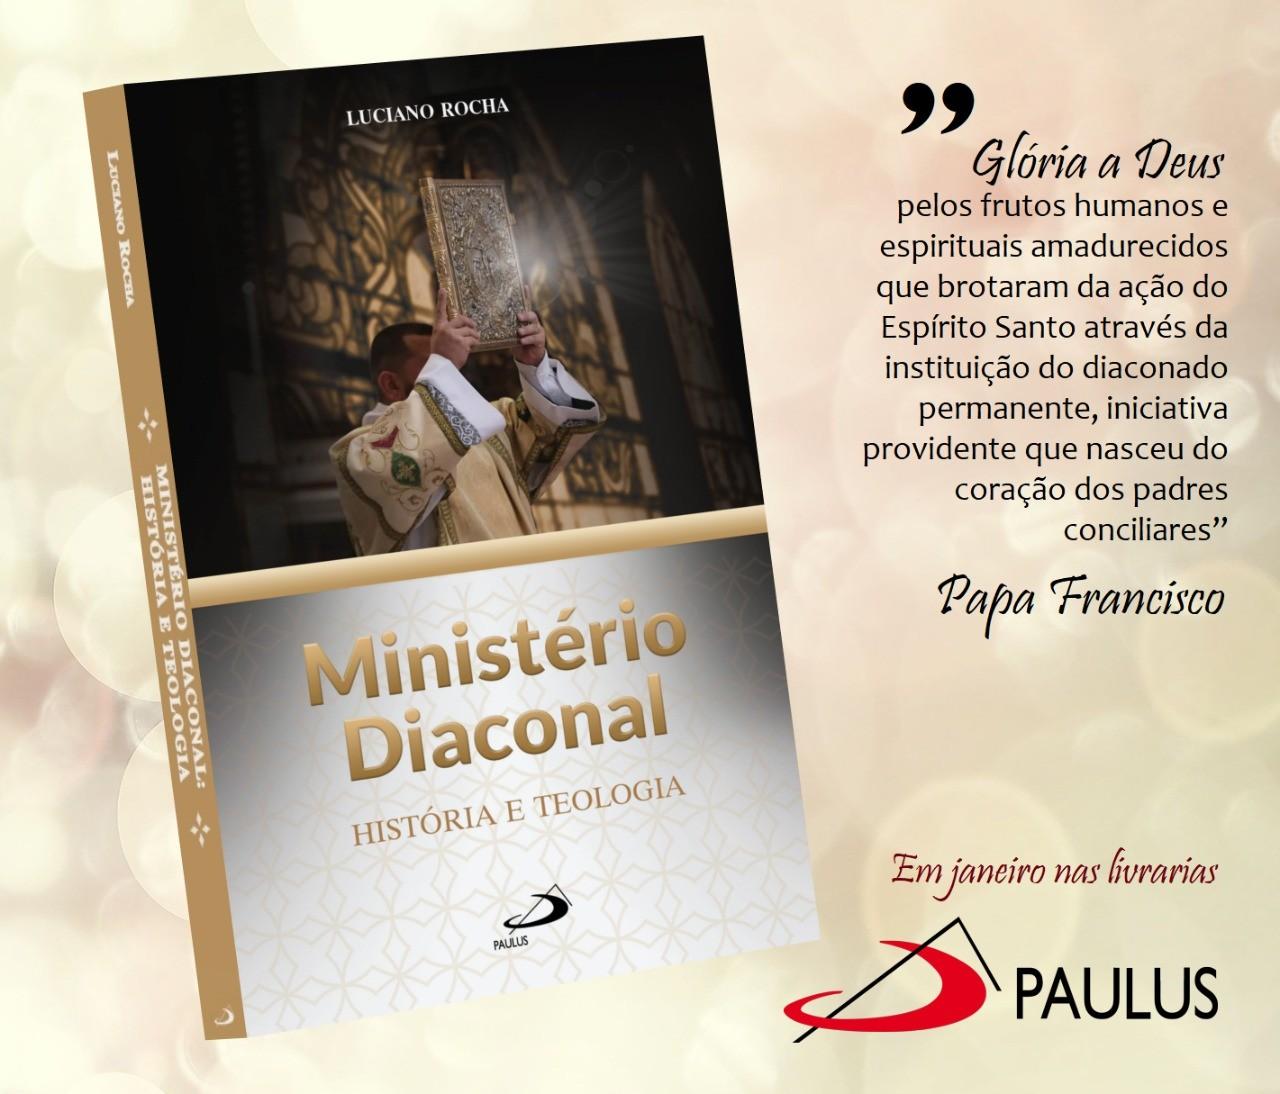 Diácono Luciano Rocha Pinto fará lançamento de novo livro em janeiro de 2021